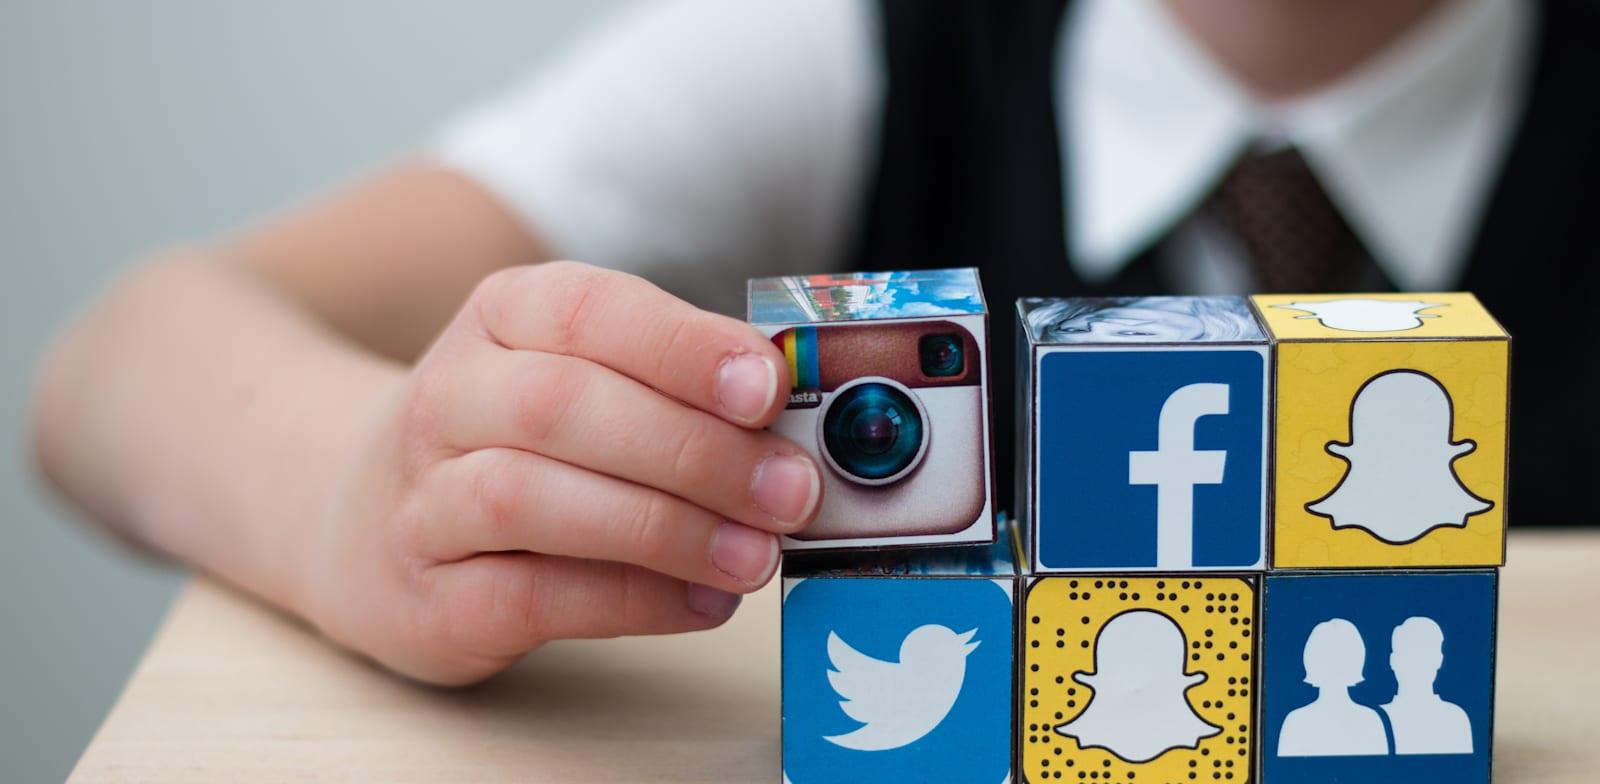 בני הנוער מקבלים את החדשות מהרשתות החברתיות שלהם / צילום: Shutterstock, AlesiaKan